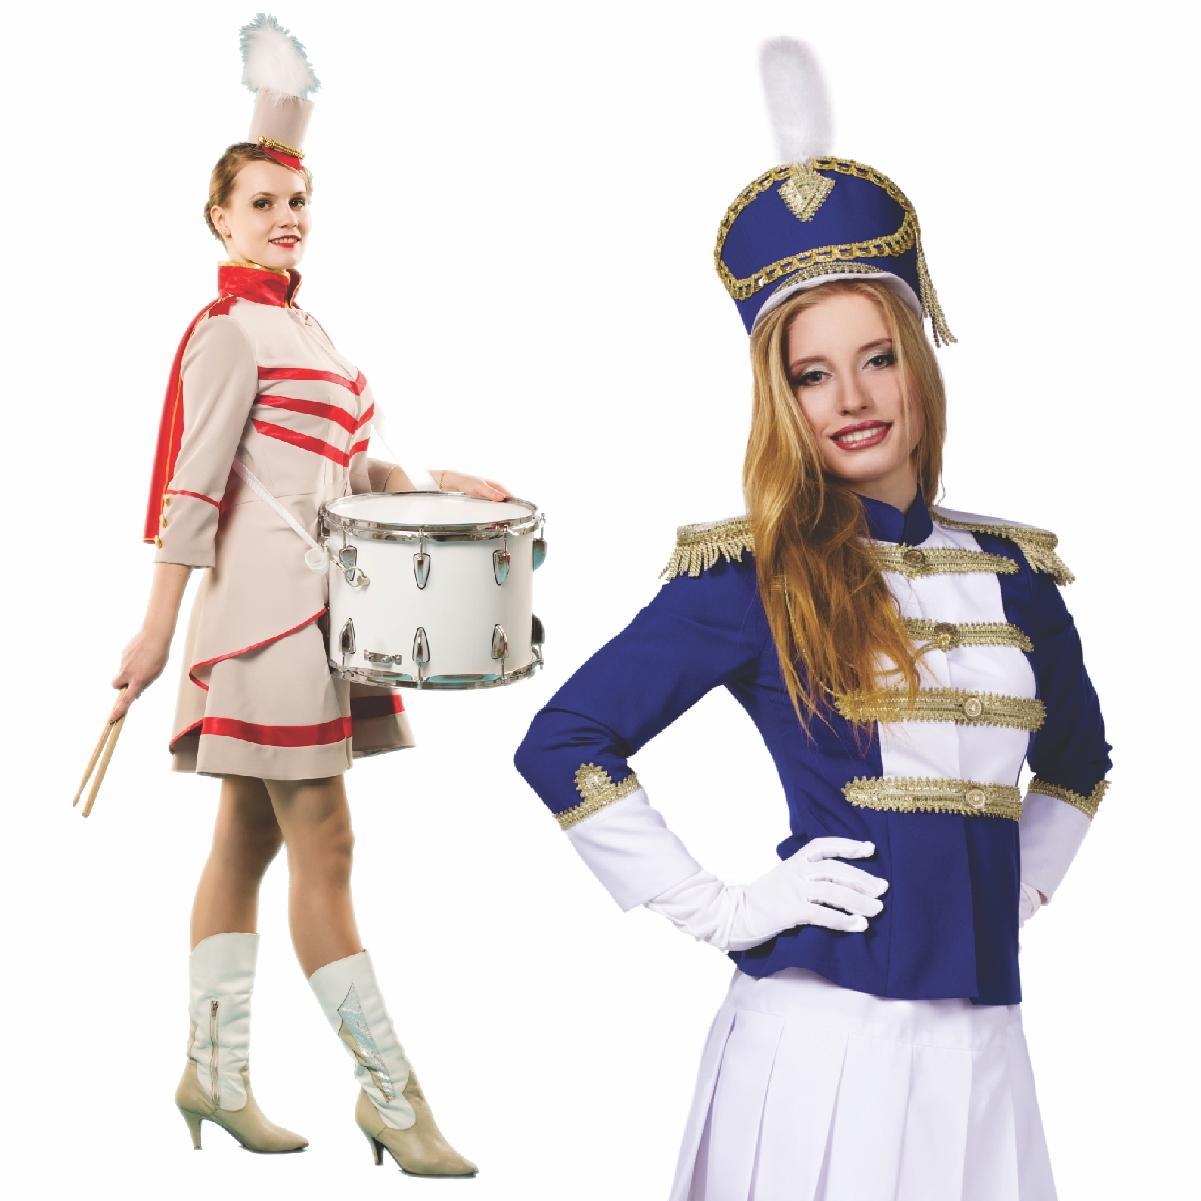 Drummies Clothing